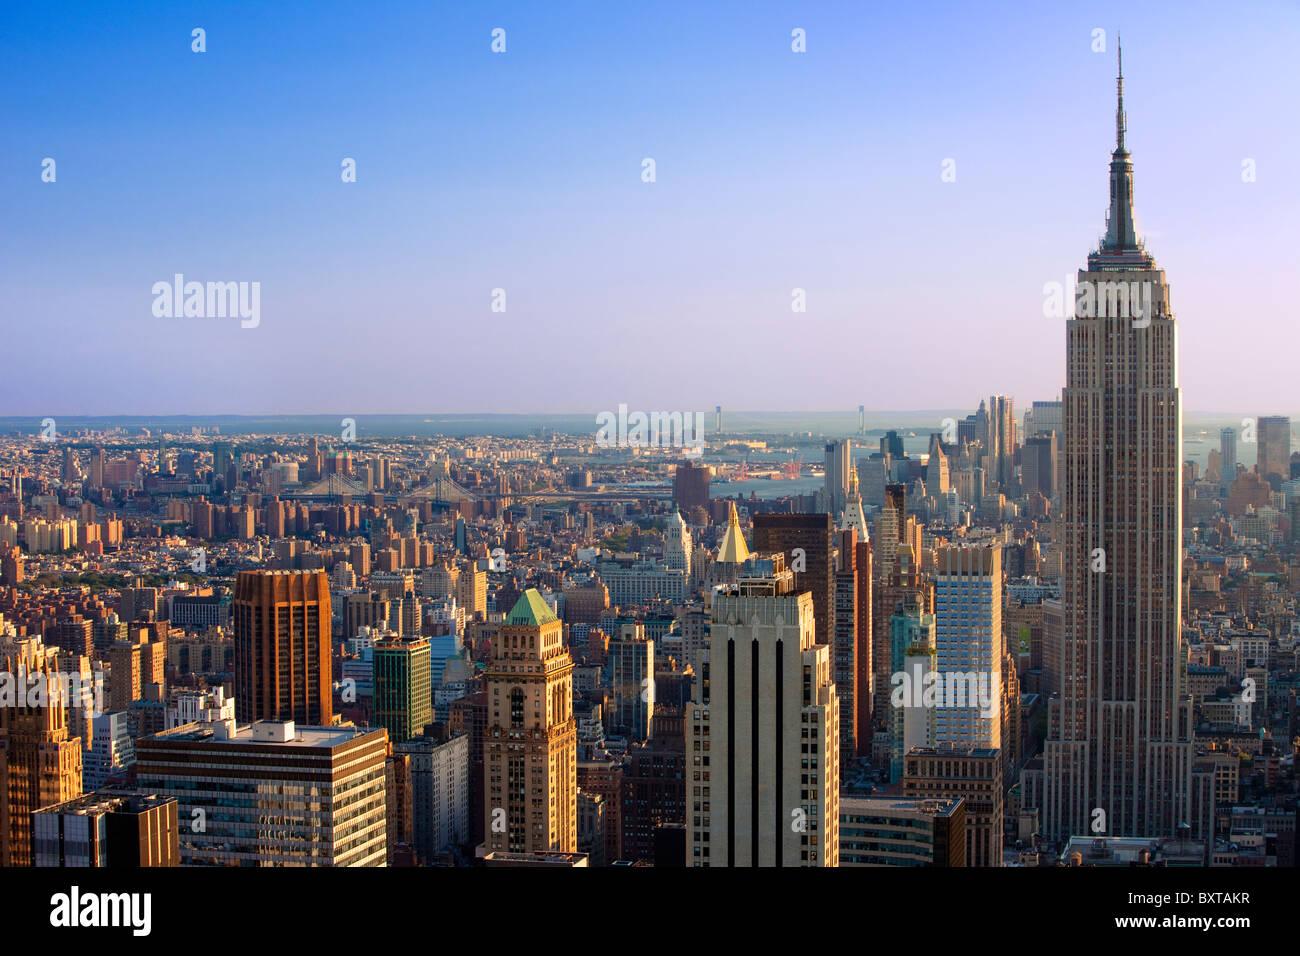 Am späten Nachmittag Blick auf das Empire State Building und die Skyline von Manhattan, New York City, USA Stockfoto